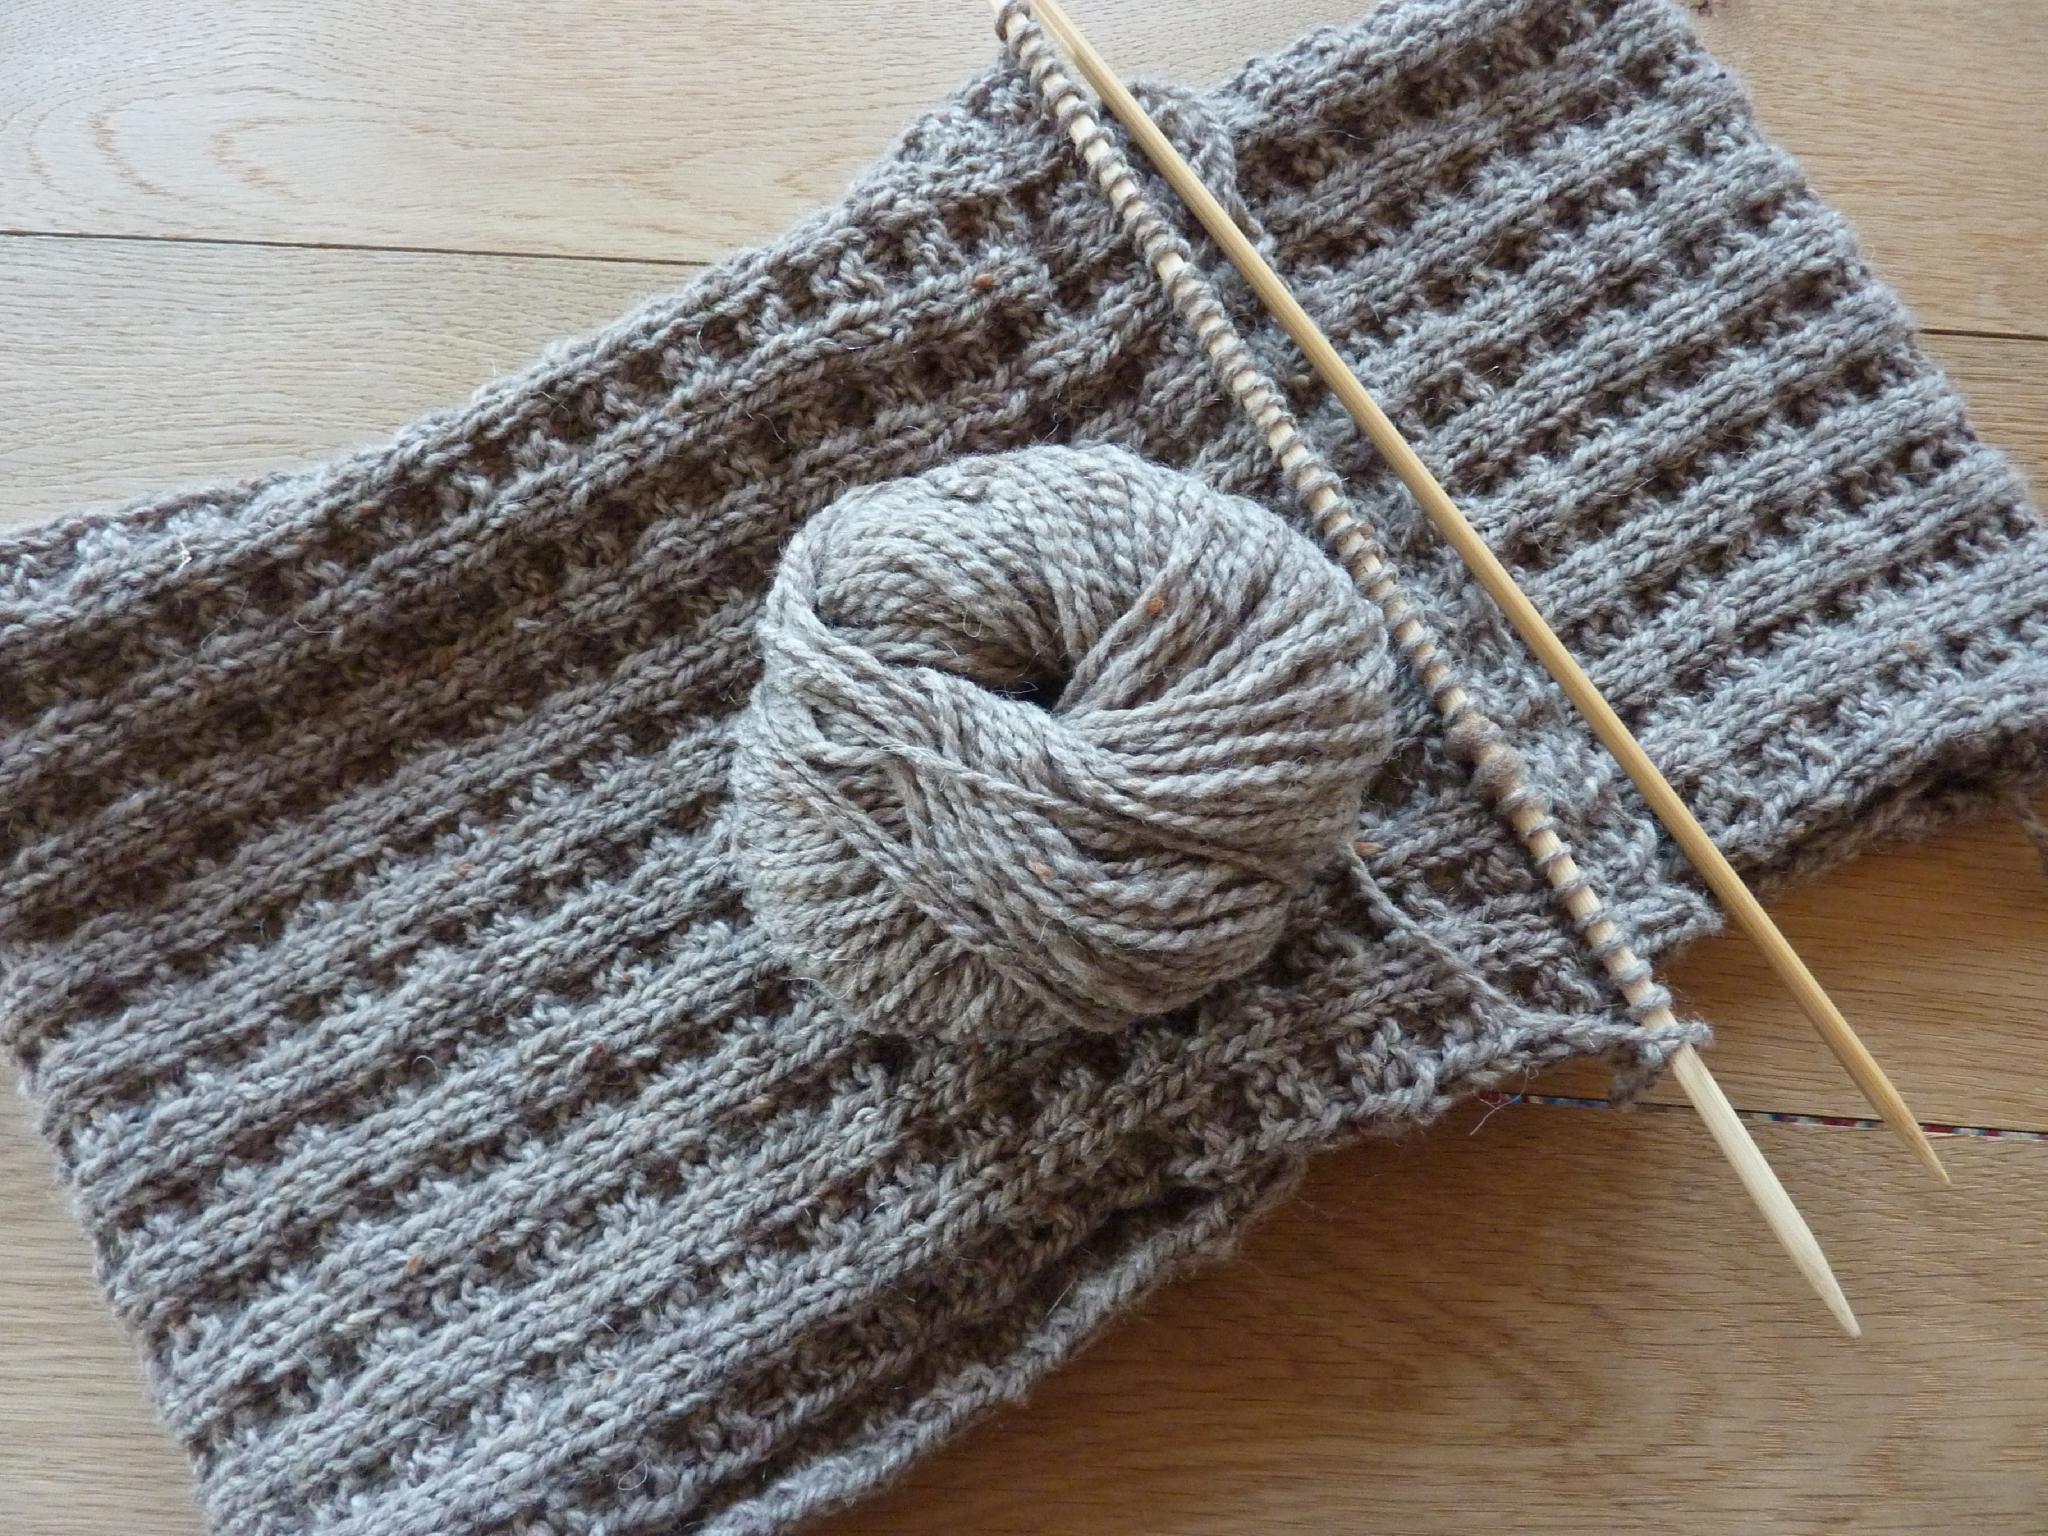 Tricoter une echarpe pour debutant - Idée pour s habiller 6c449f10713